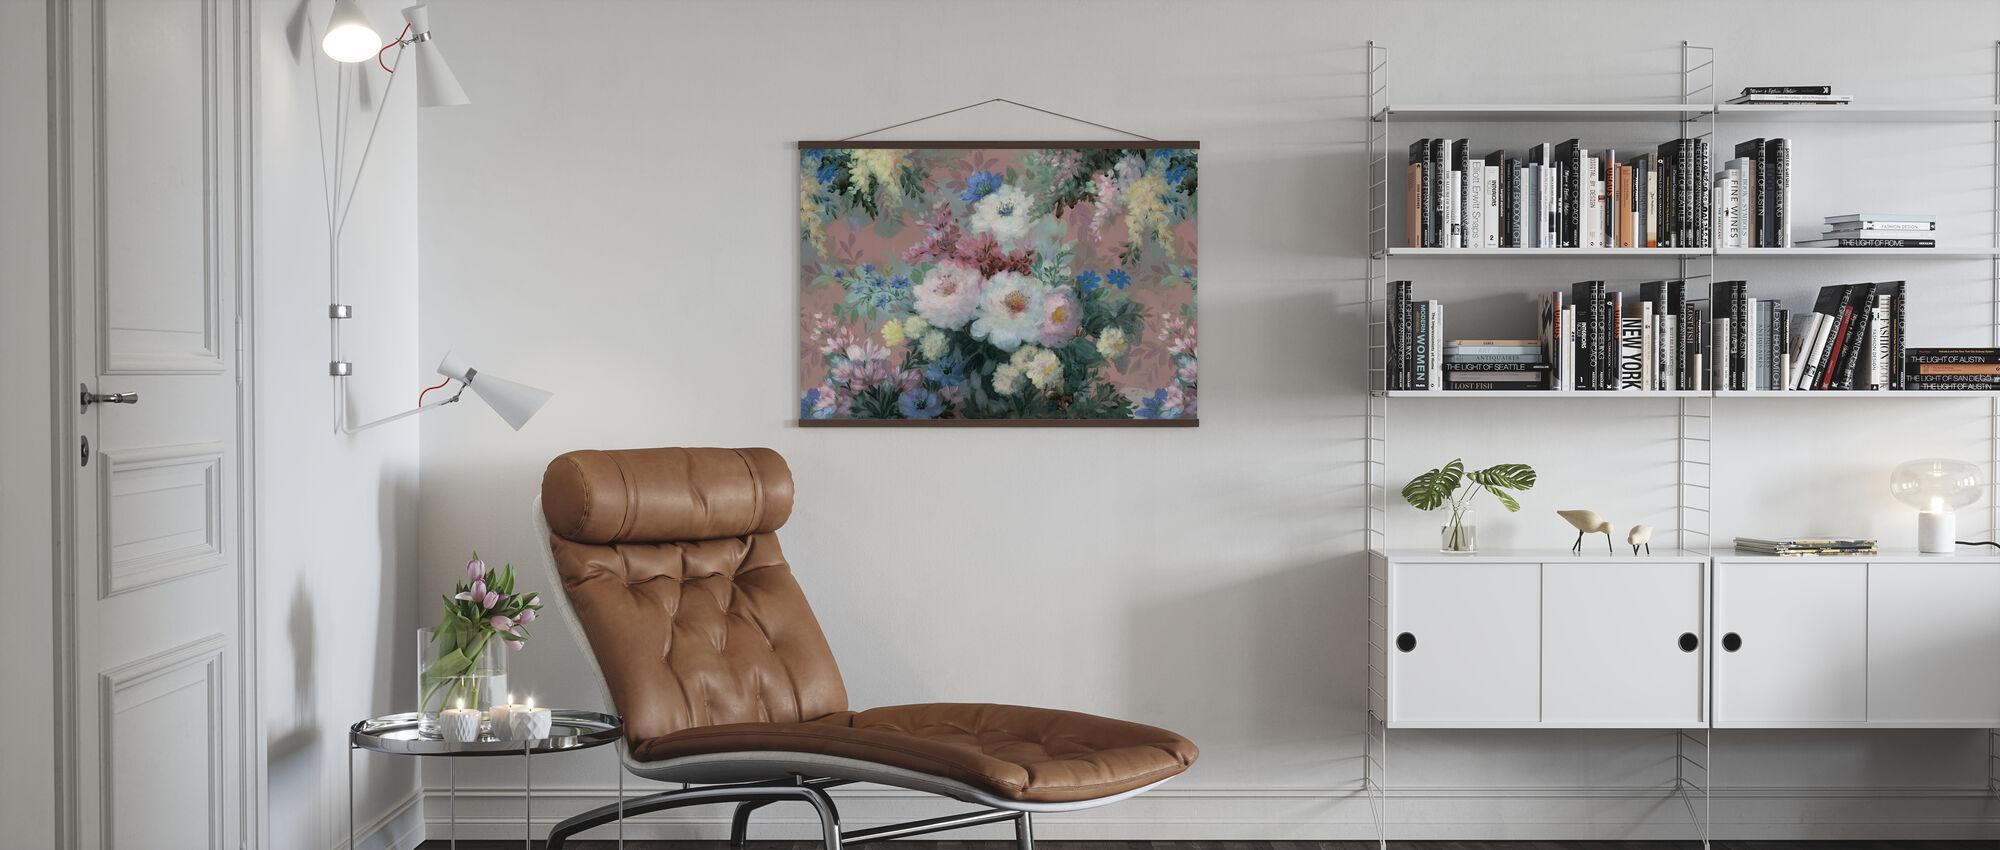 Blomstrande blomma - Poster - Vardagsrum